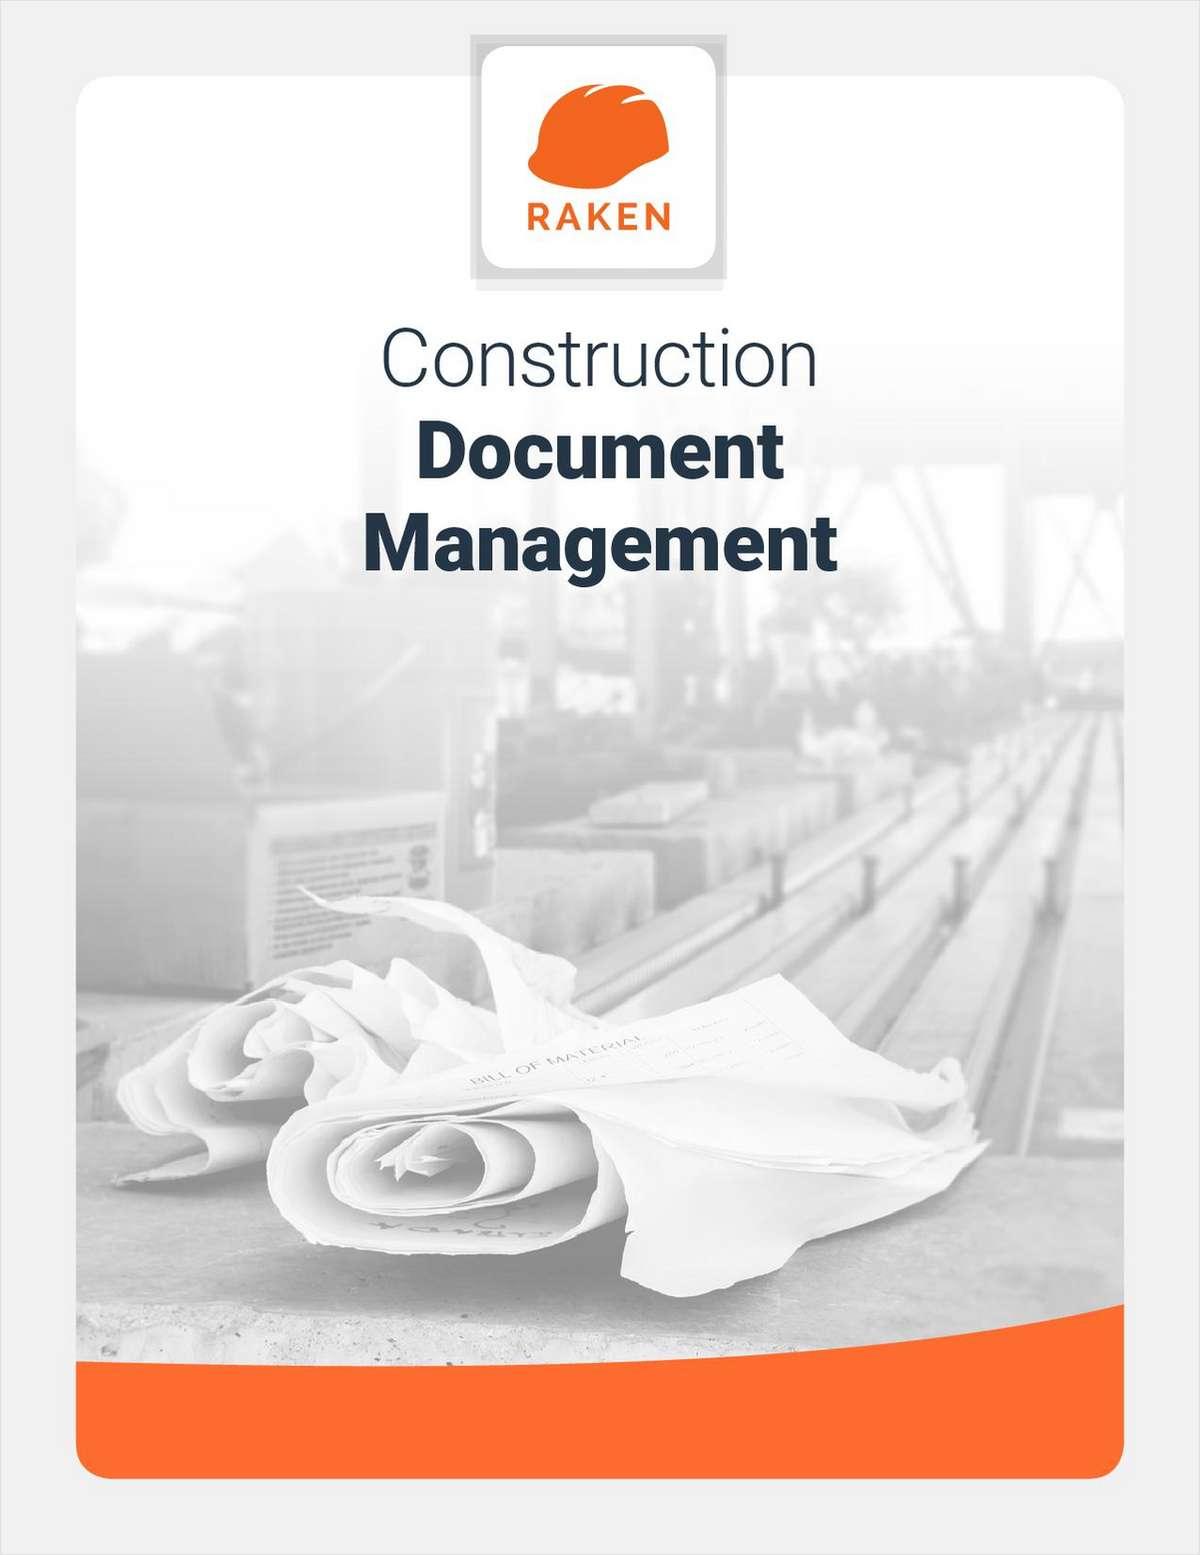 Construction Document Management